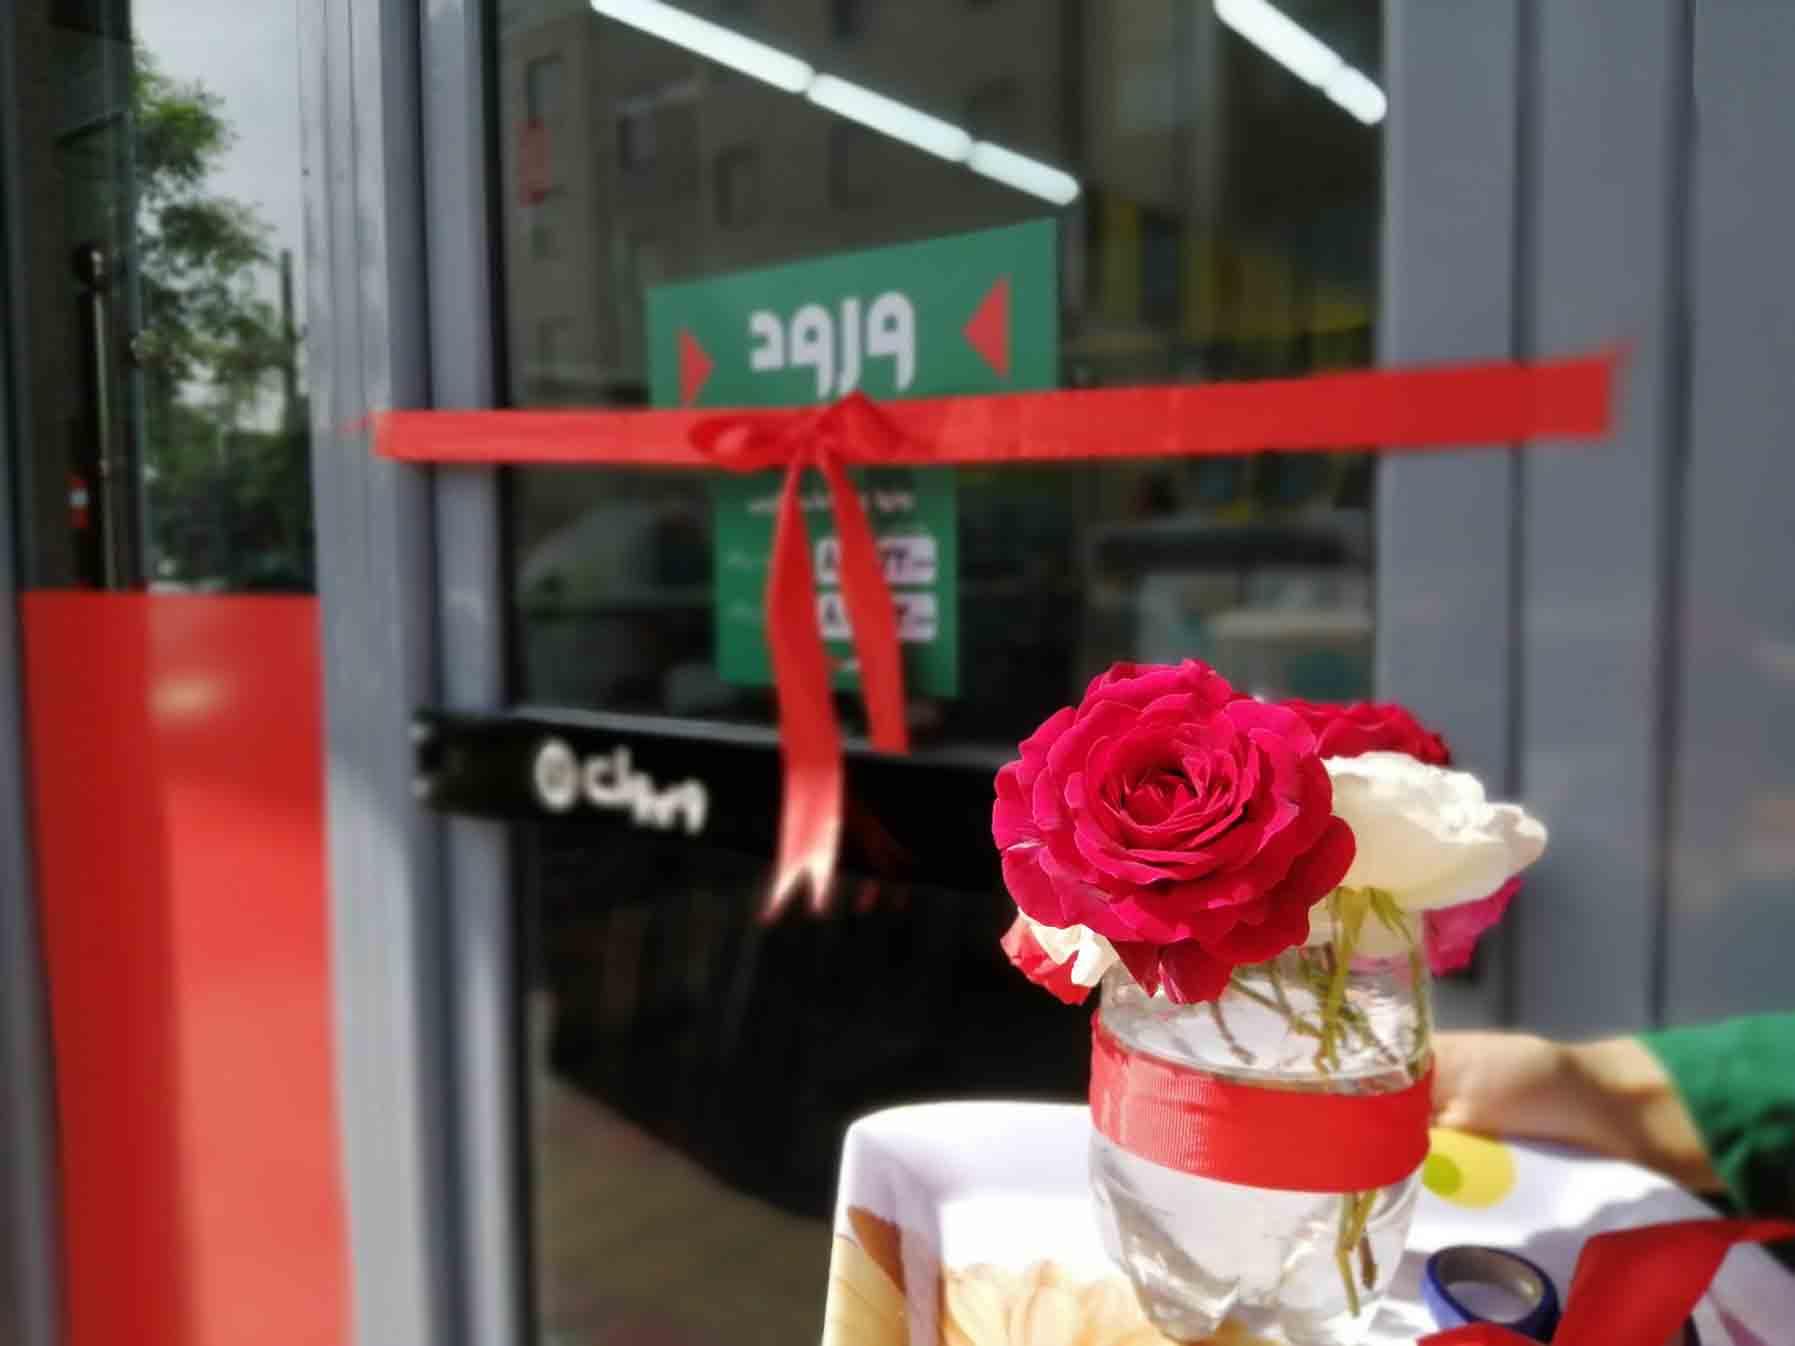 فروشگاه های زنجیره ای تخفیفی ویوان در کهریزک افتتاح گردید